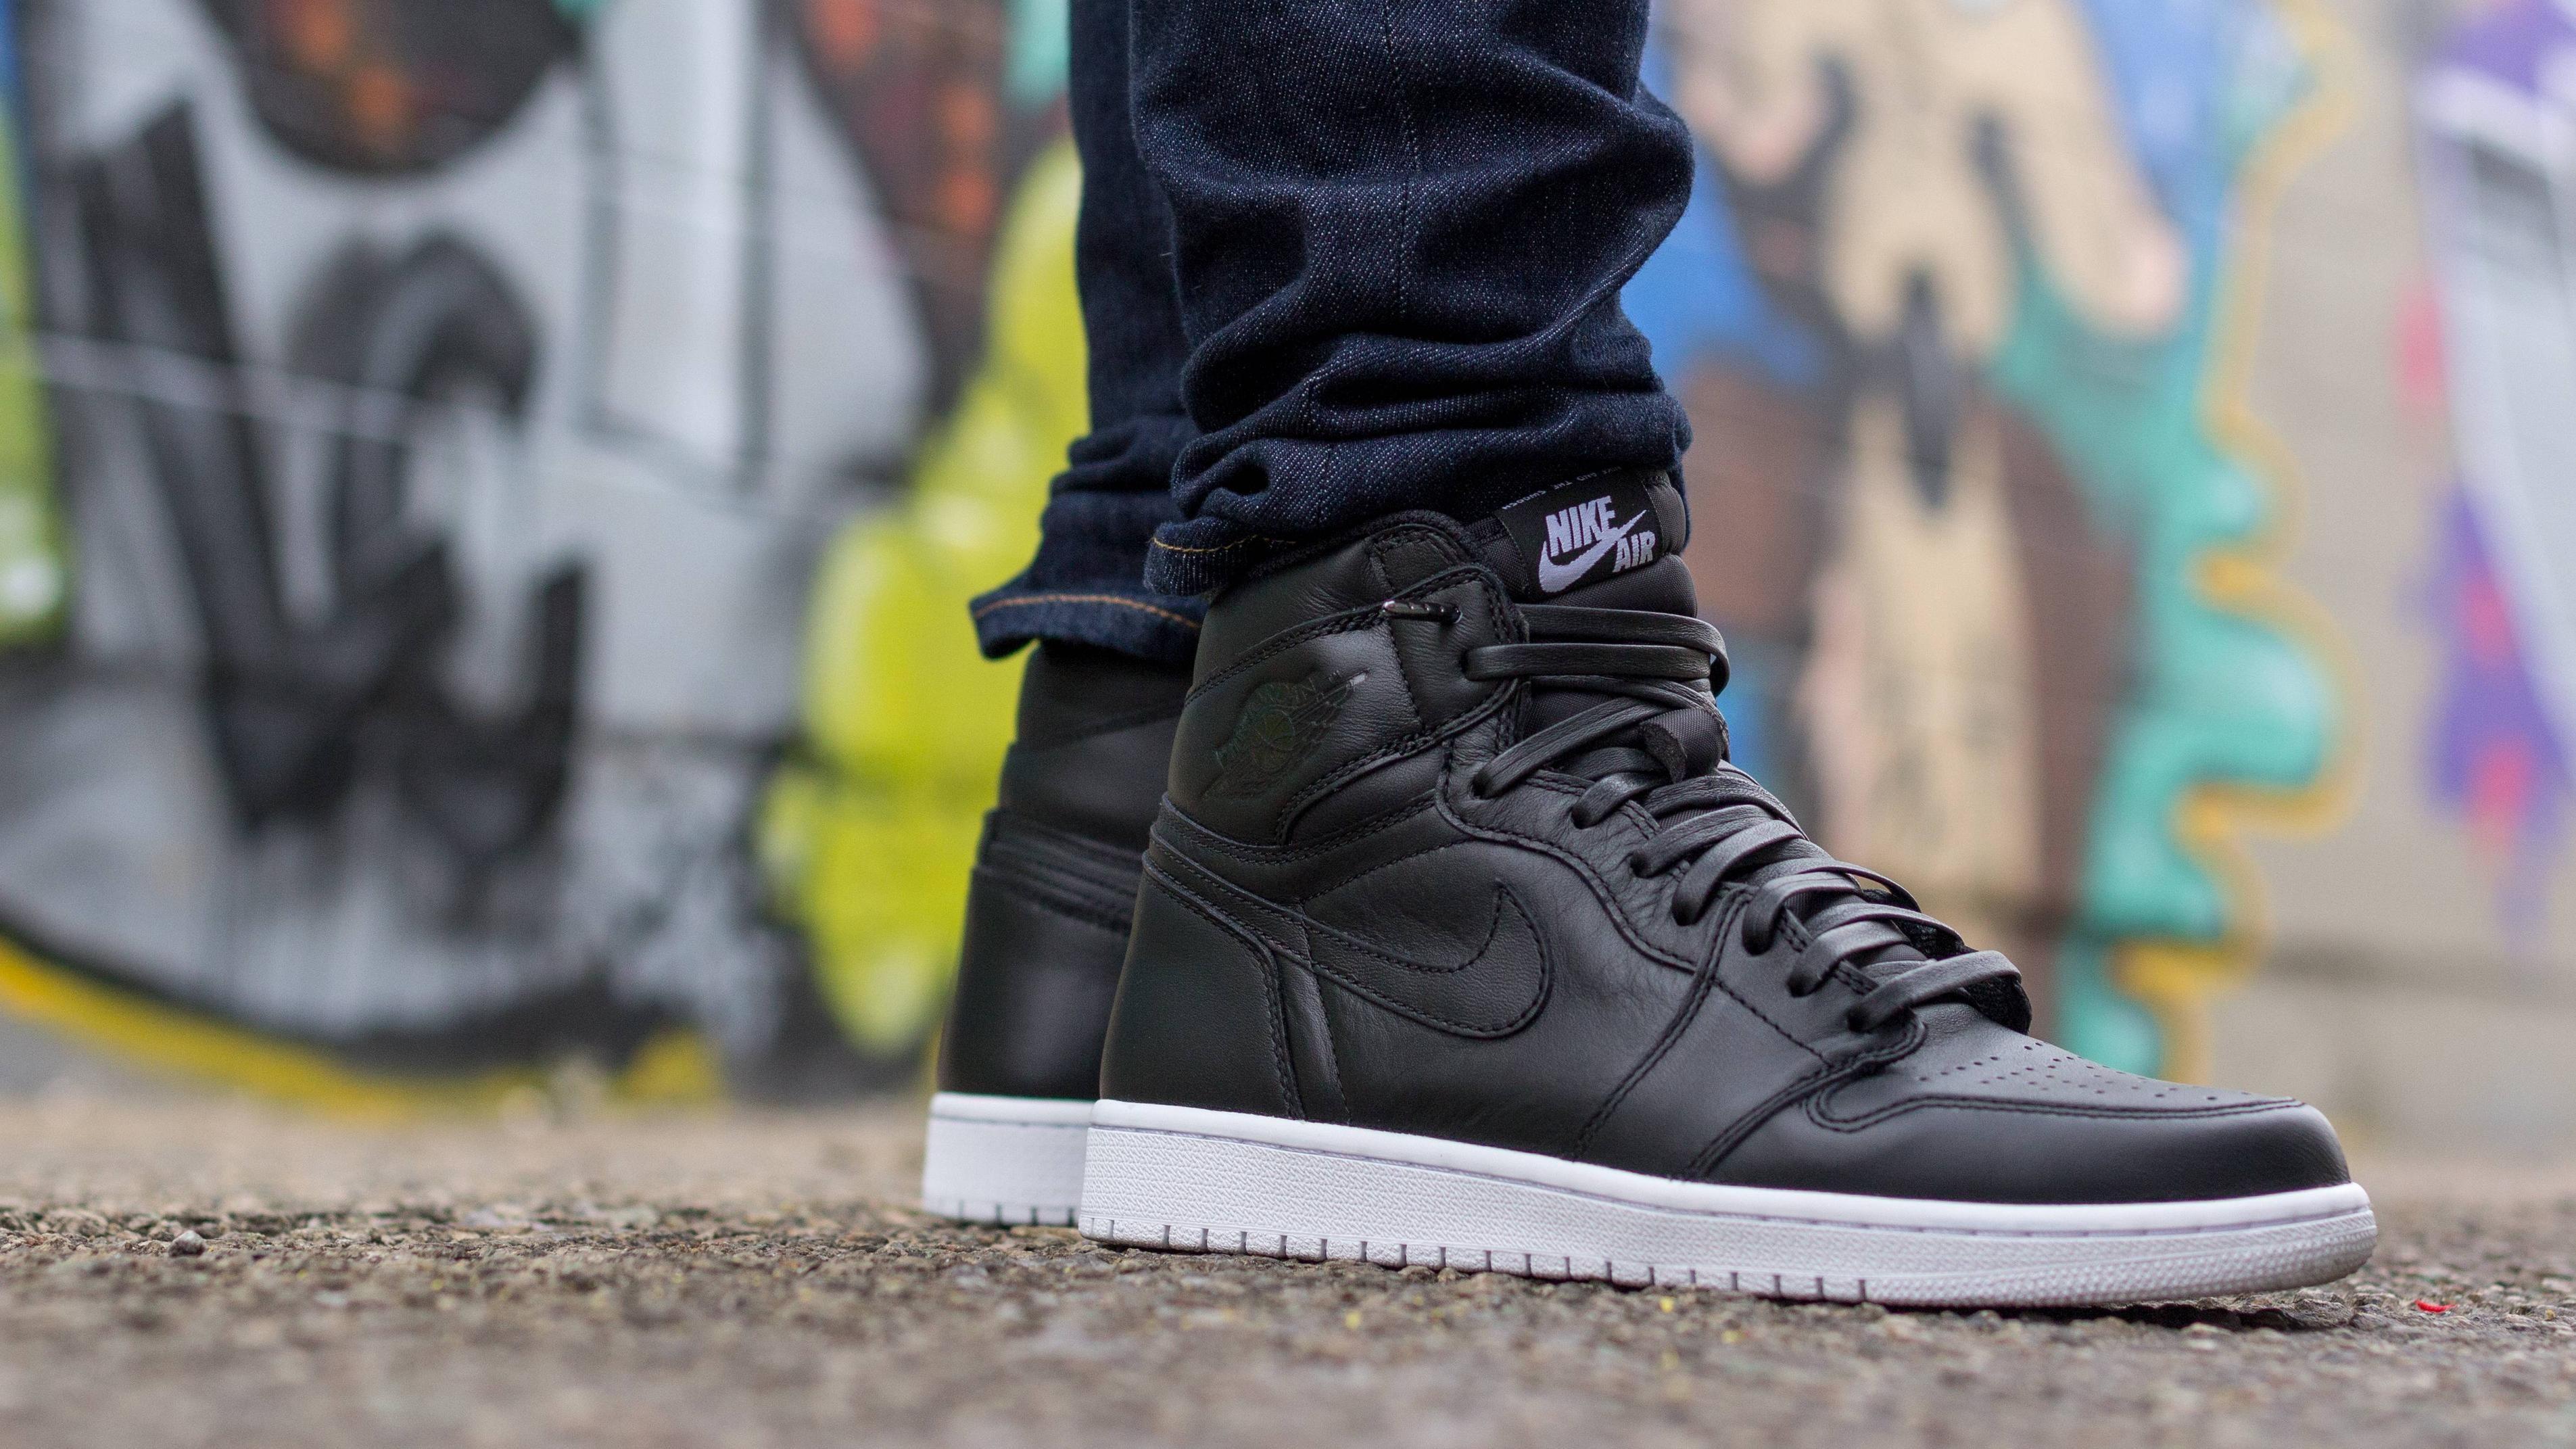 Air Jordan 1 Retro Og Cyber Monday Leather Laces Fashion Shoes Air Jordans Air Jordan Sneaker